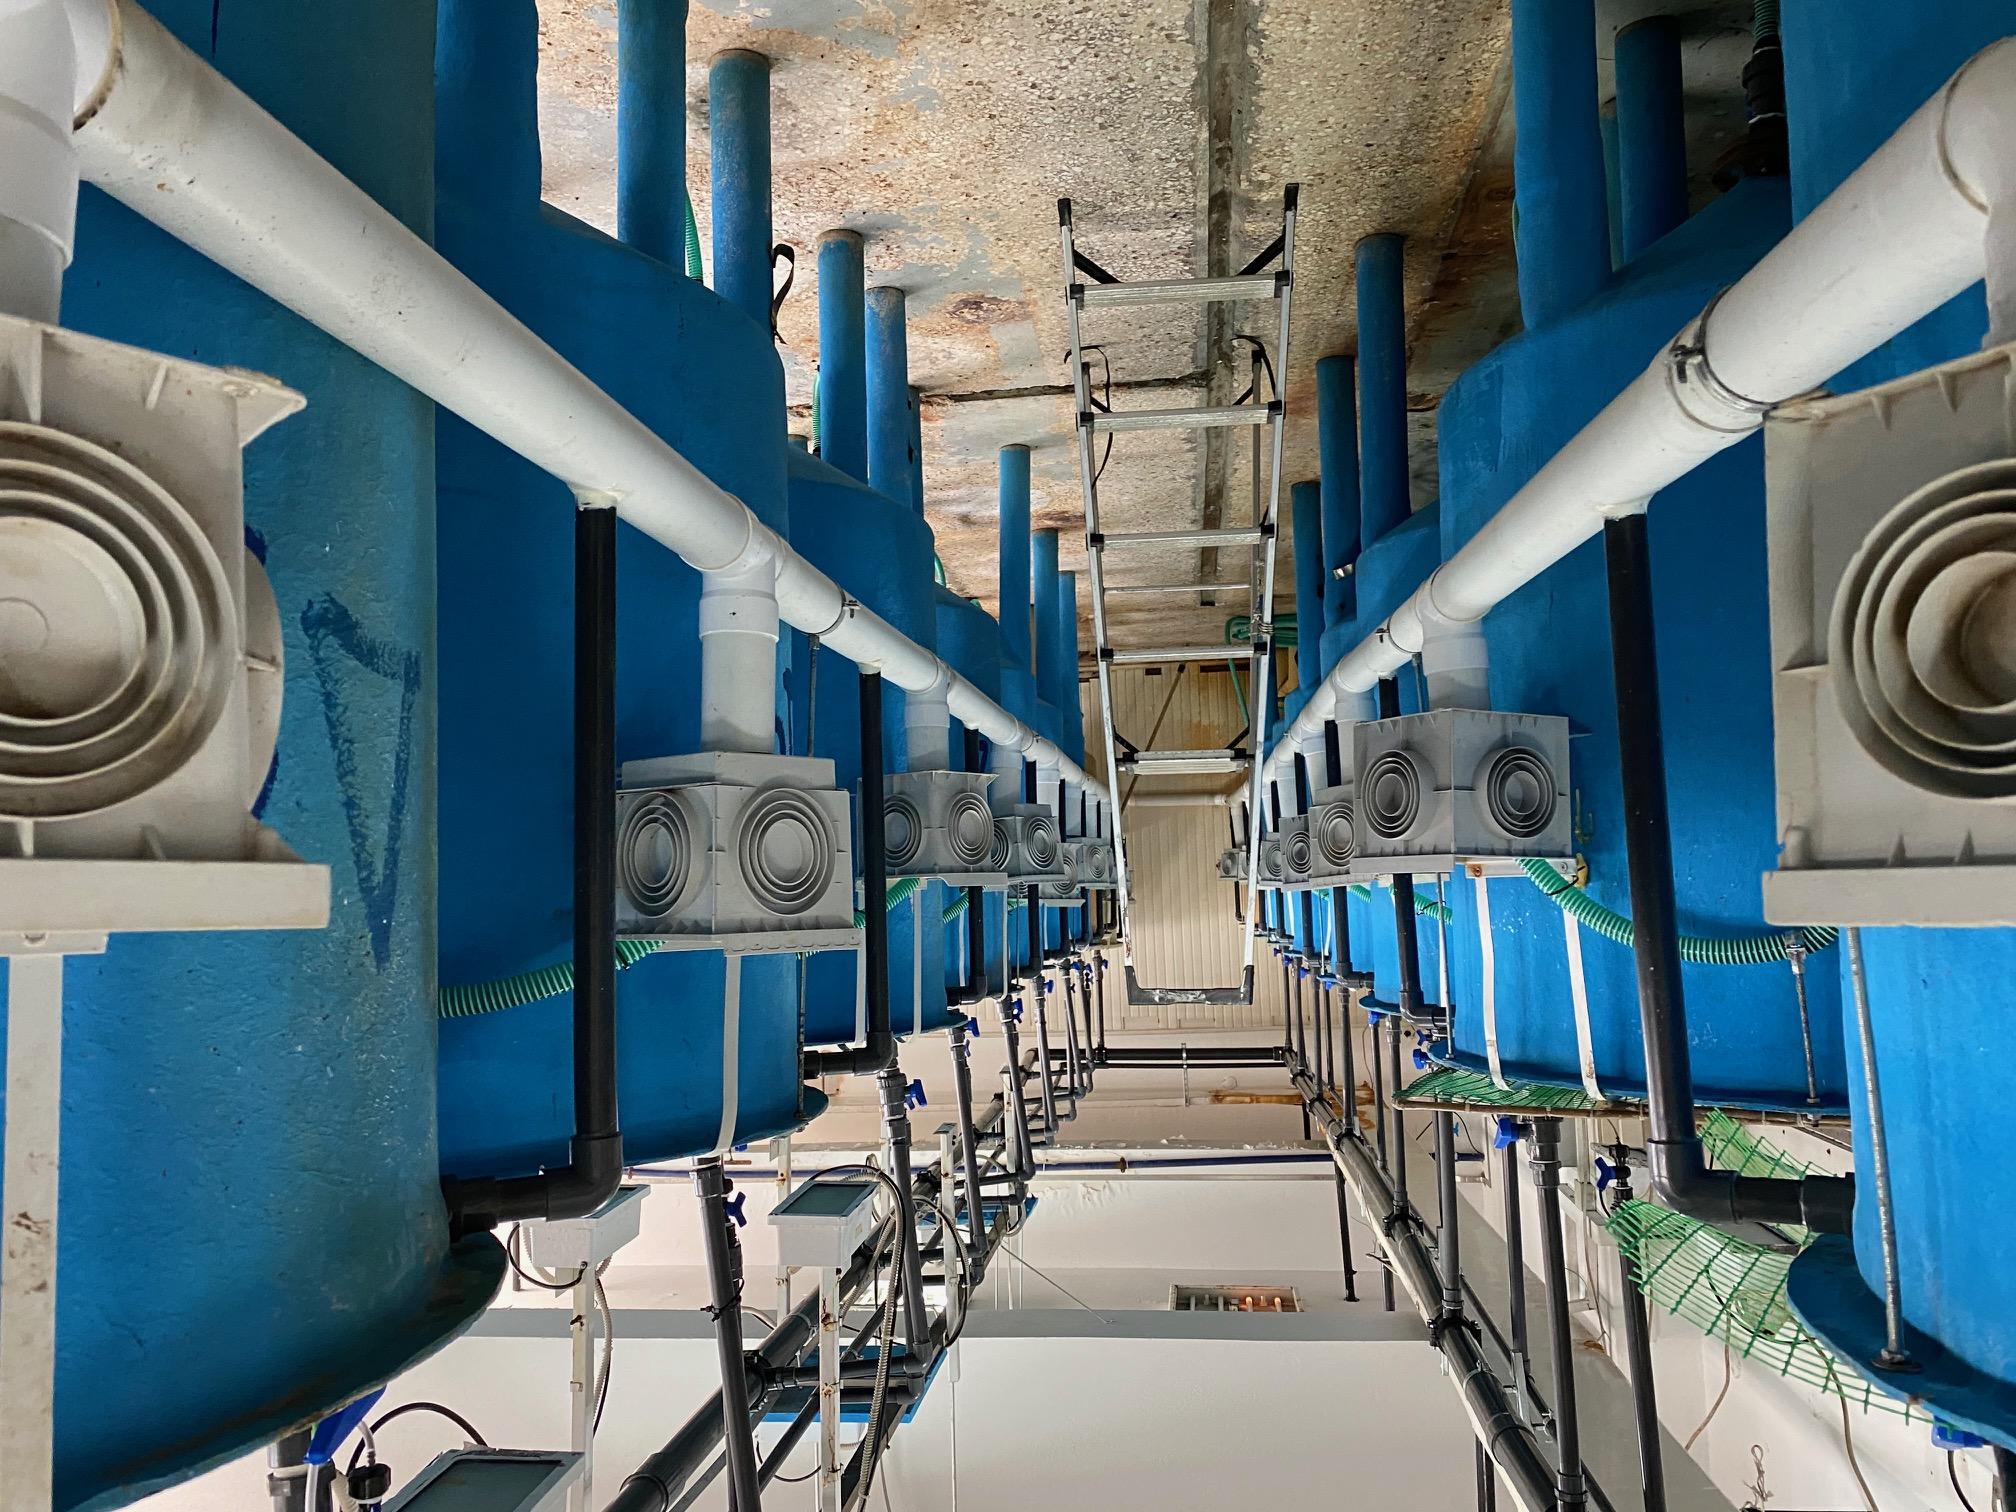 Το Εργαστήριο Πειραματικής Σίτισης (Aqua Lab) Ιχθύων στις εγκαταστάσεις του ΕΛΚΕΘΕ που φιλοξενούνται στο Γεωπονικό Πανεπιστήμιο Αθηνών.